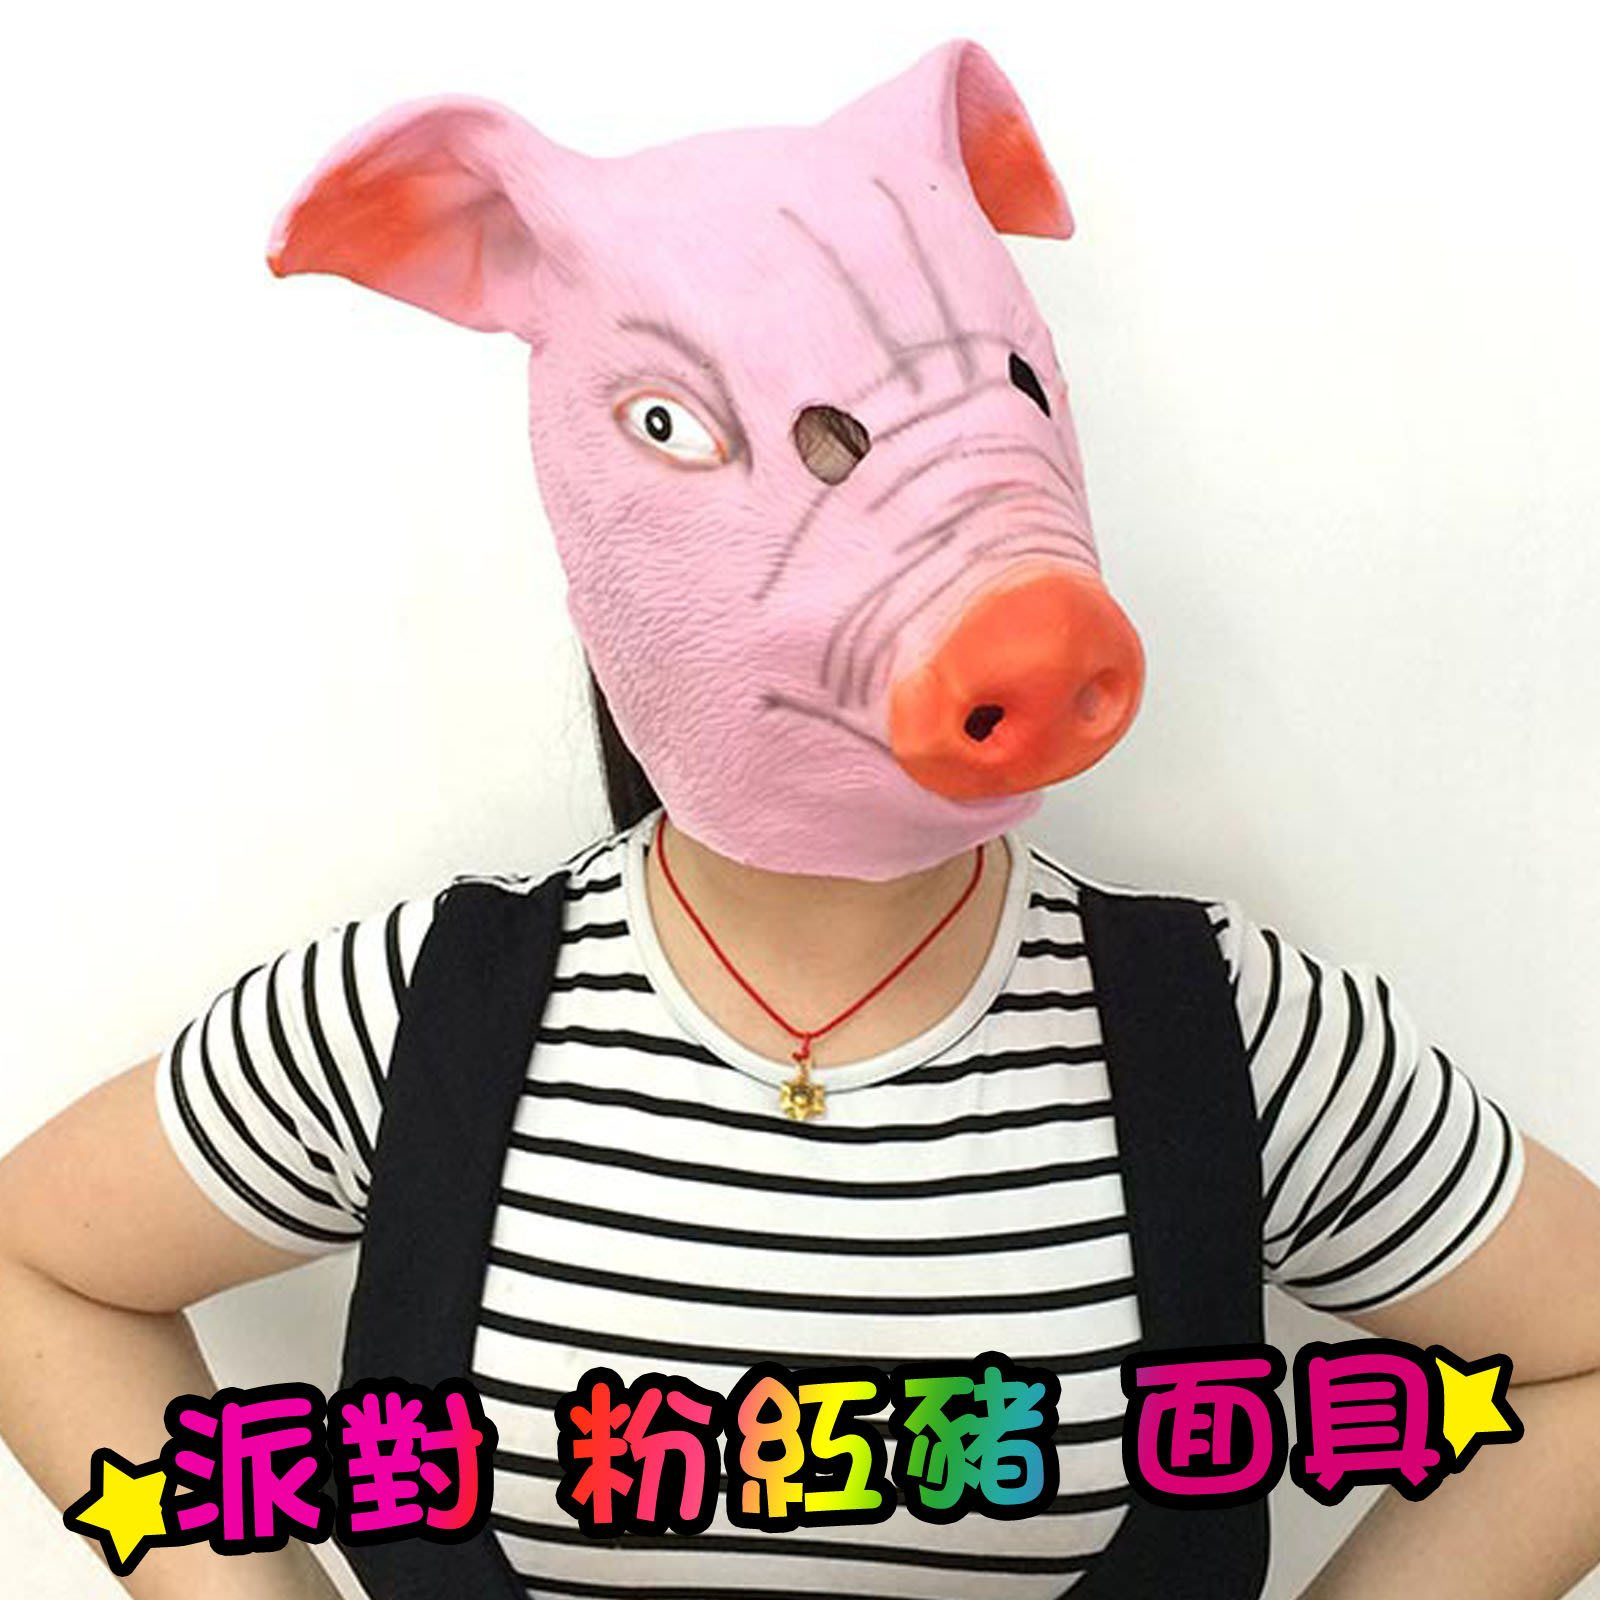 粉紅豬八戒面具-尾牙搞笑婚紗道具 變裝整人萬聖節聖誕跨年【POP24】☆雙兒網☆